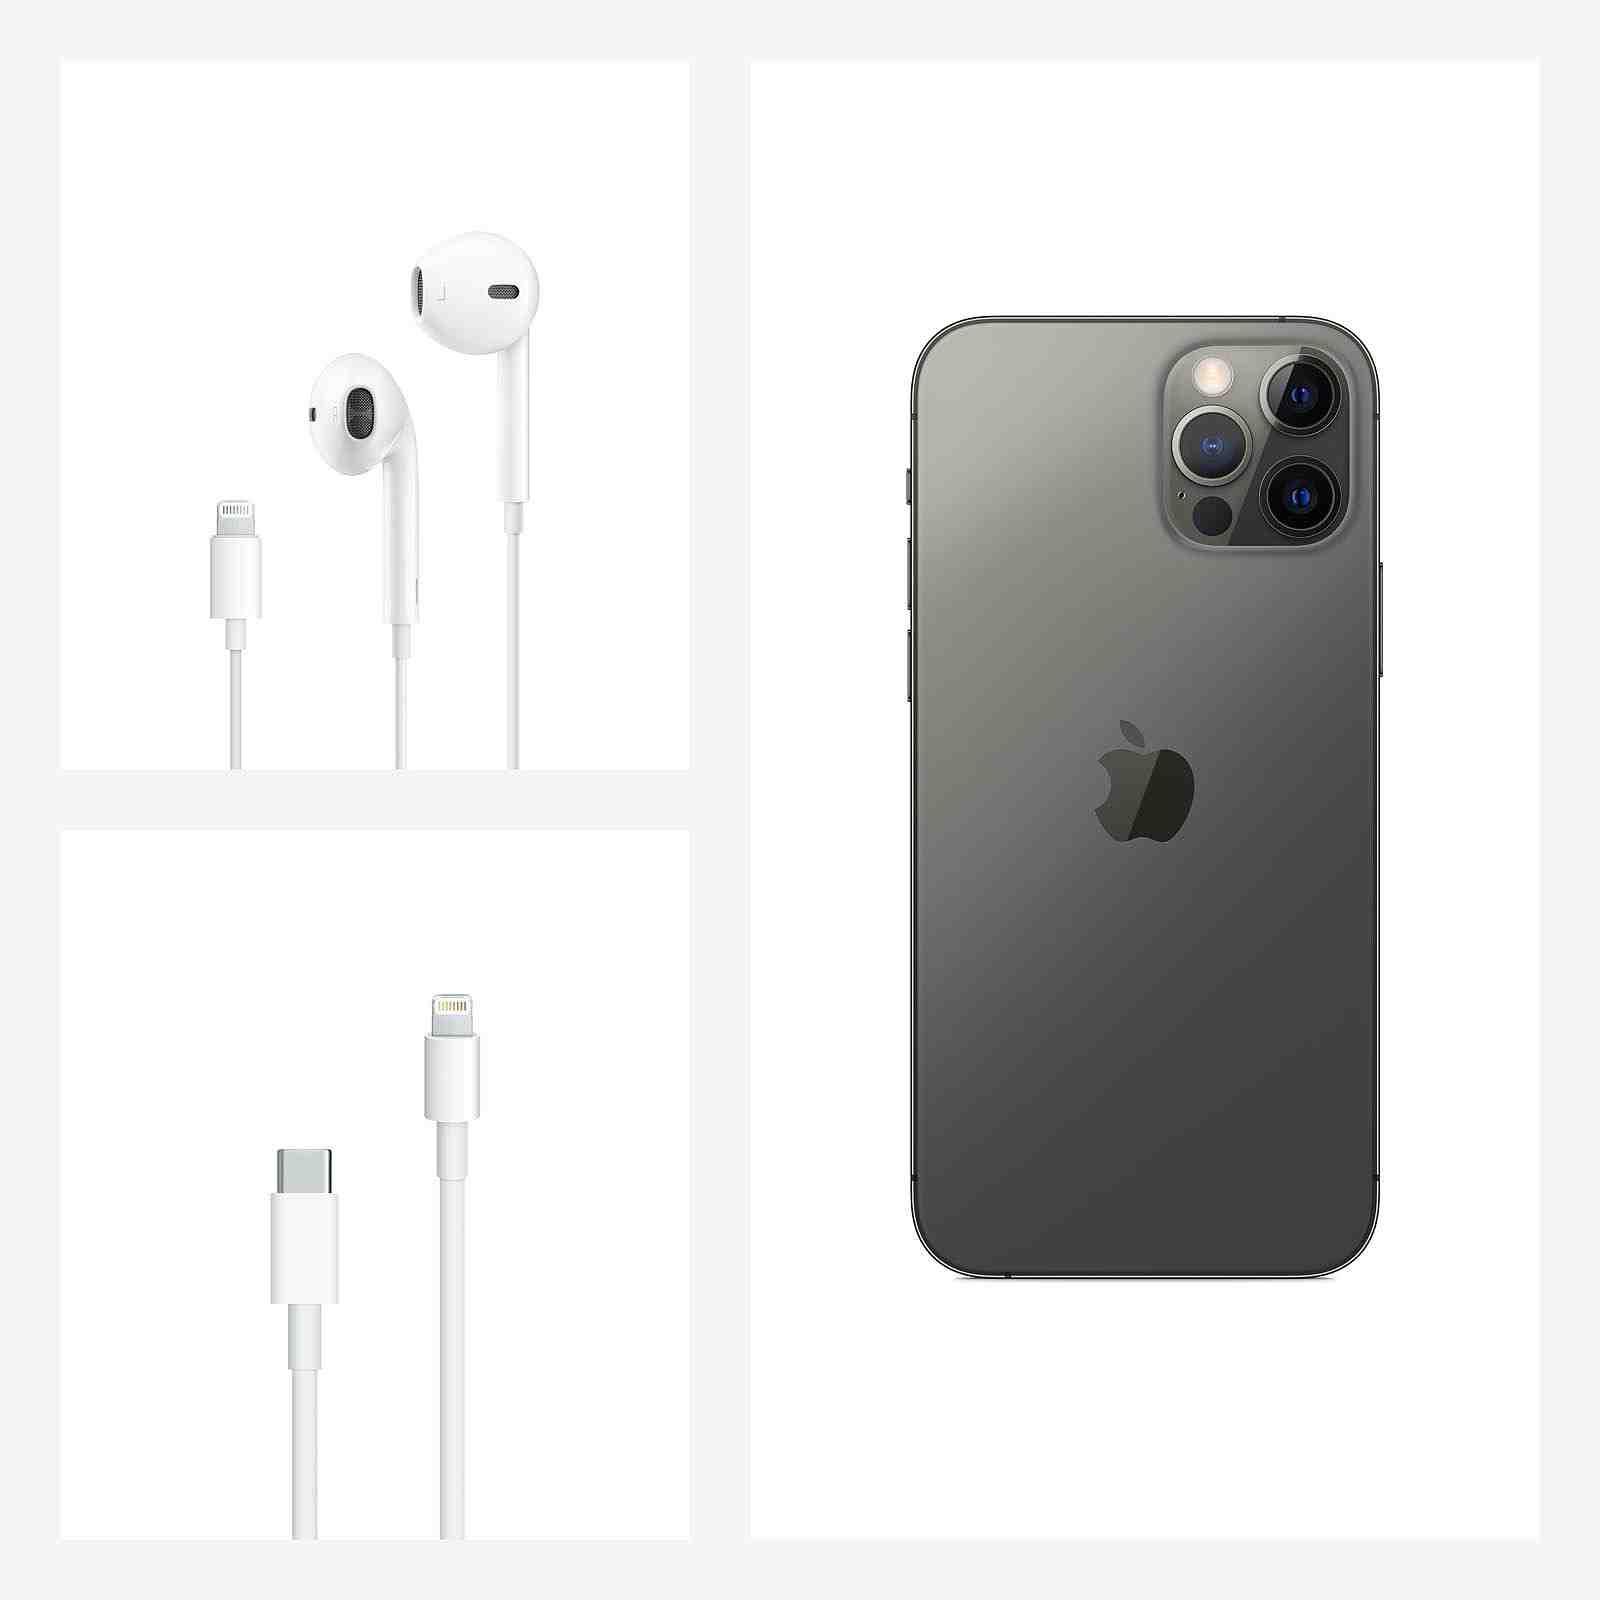 Mesures de l'Iphone 5